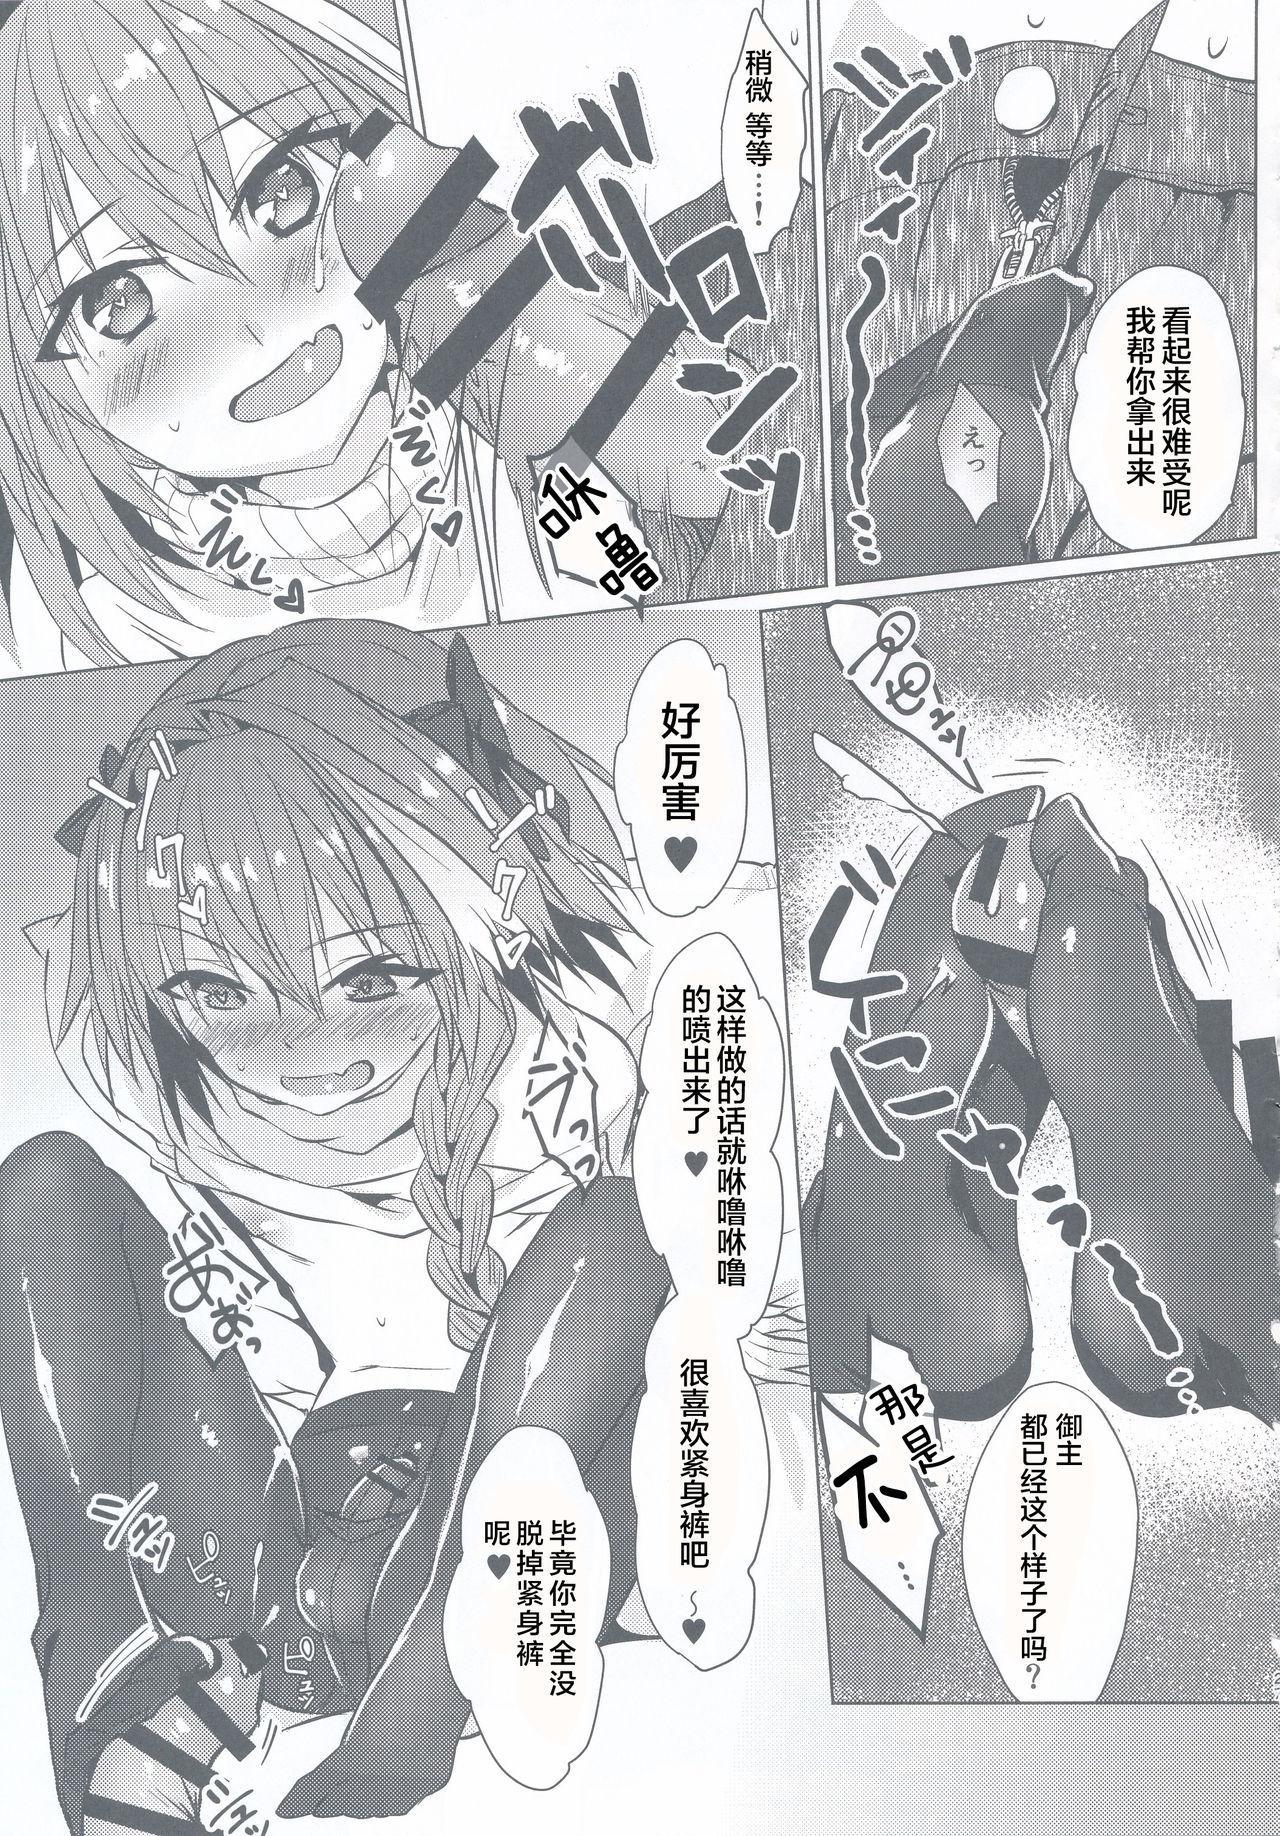 Astolfo-kun to Nenmatsu ni Ichaicha Sugosu Hon 27